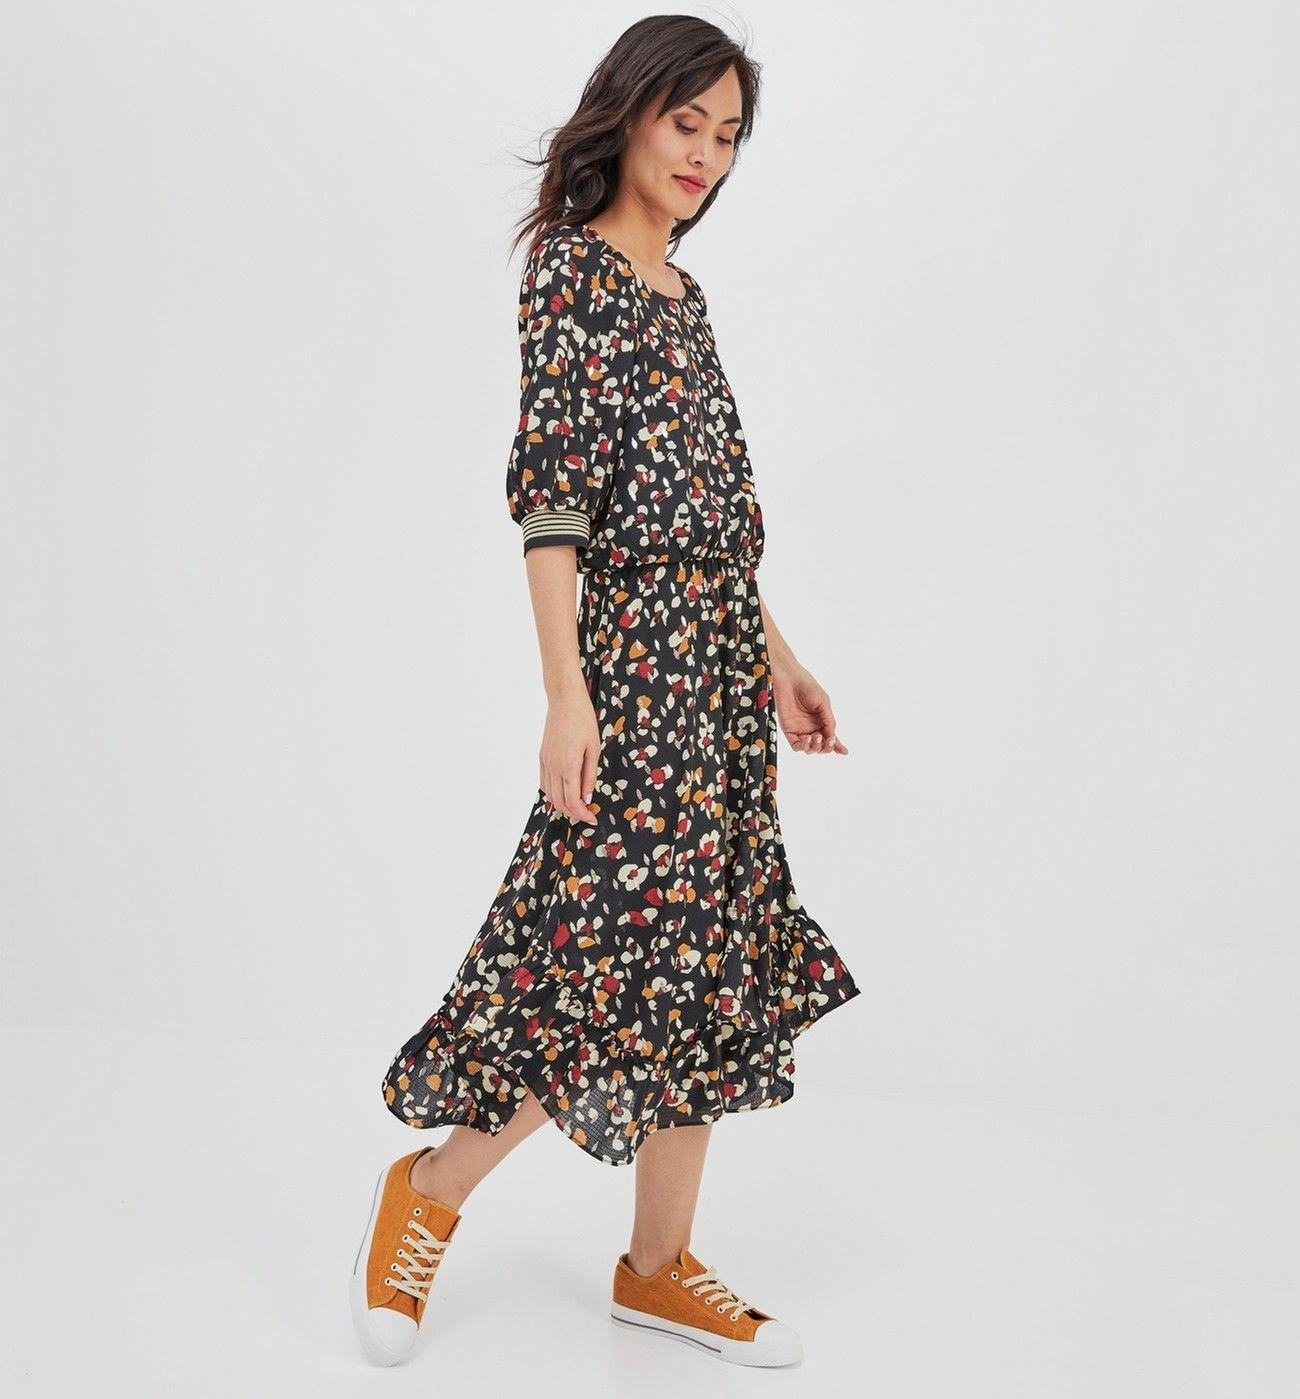 0edd3b5fcc0ac Robe longue imprimée Femme - Imprimé noir - Robes - Femme - Promod ...